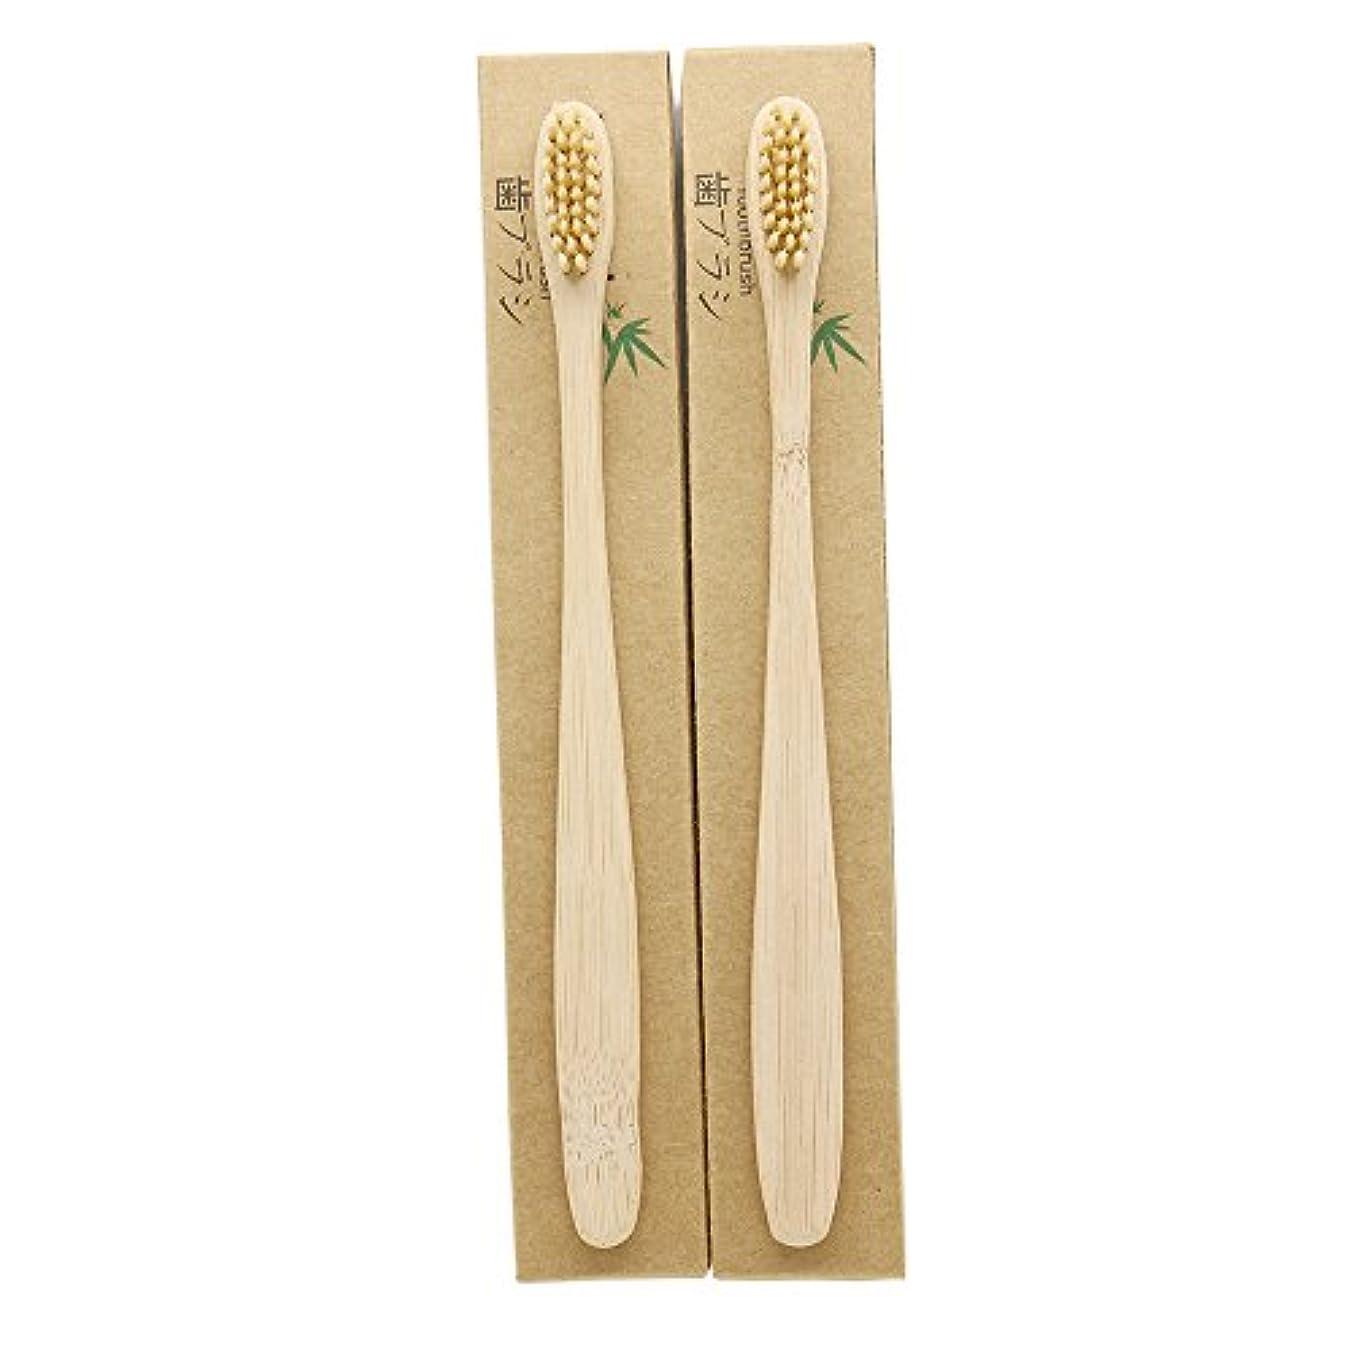 ふりをするメッセージ敬礼N-amboo 竹製耐久度高い 歯ブラシ 2本入り セット エコ ヘッド小さい クリ—ム色